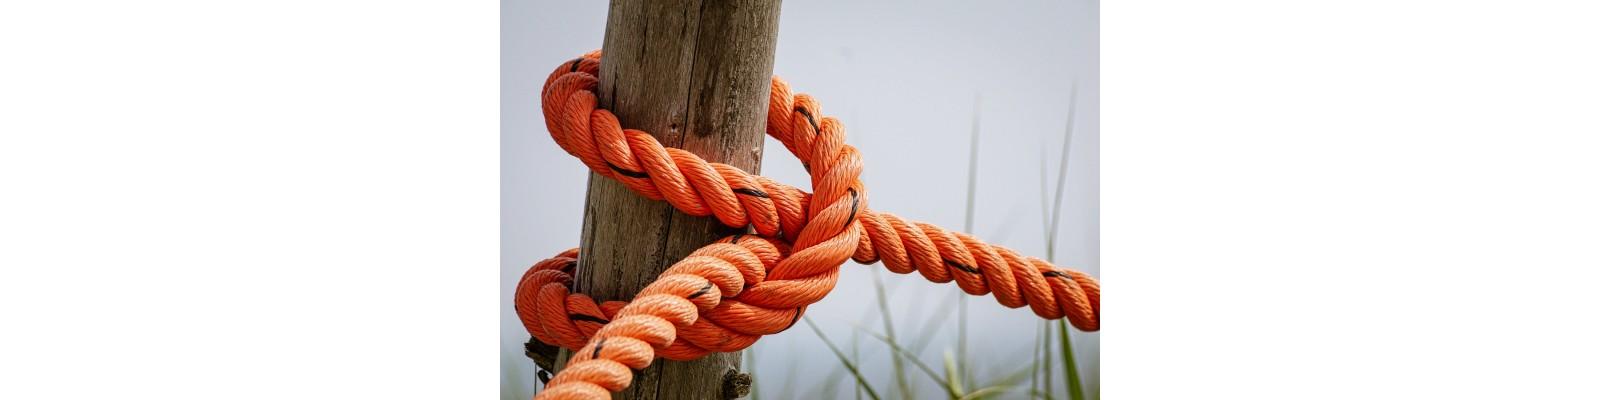 Tipuri de materii prime folosite pentru realizarea snururilor si franghiilor